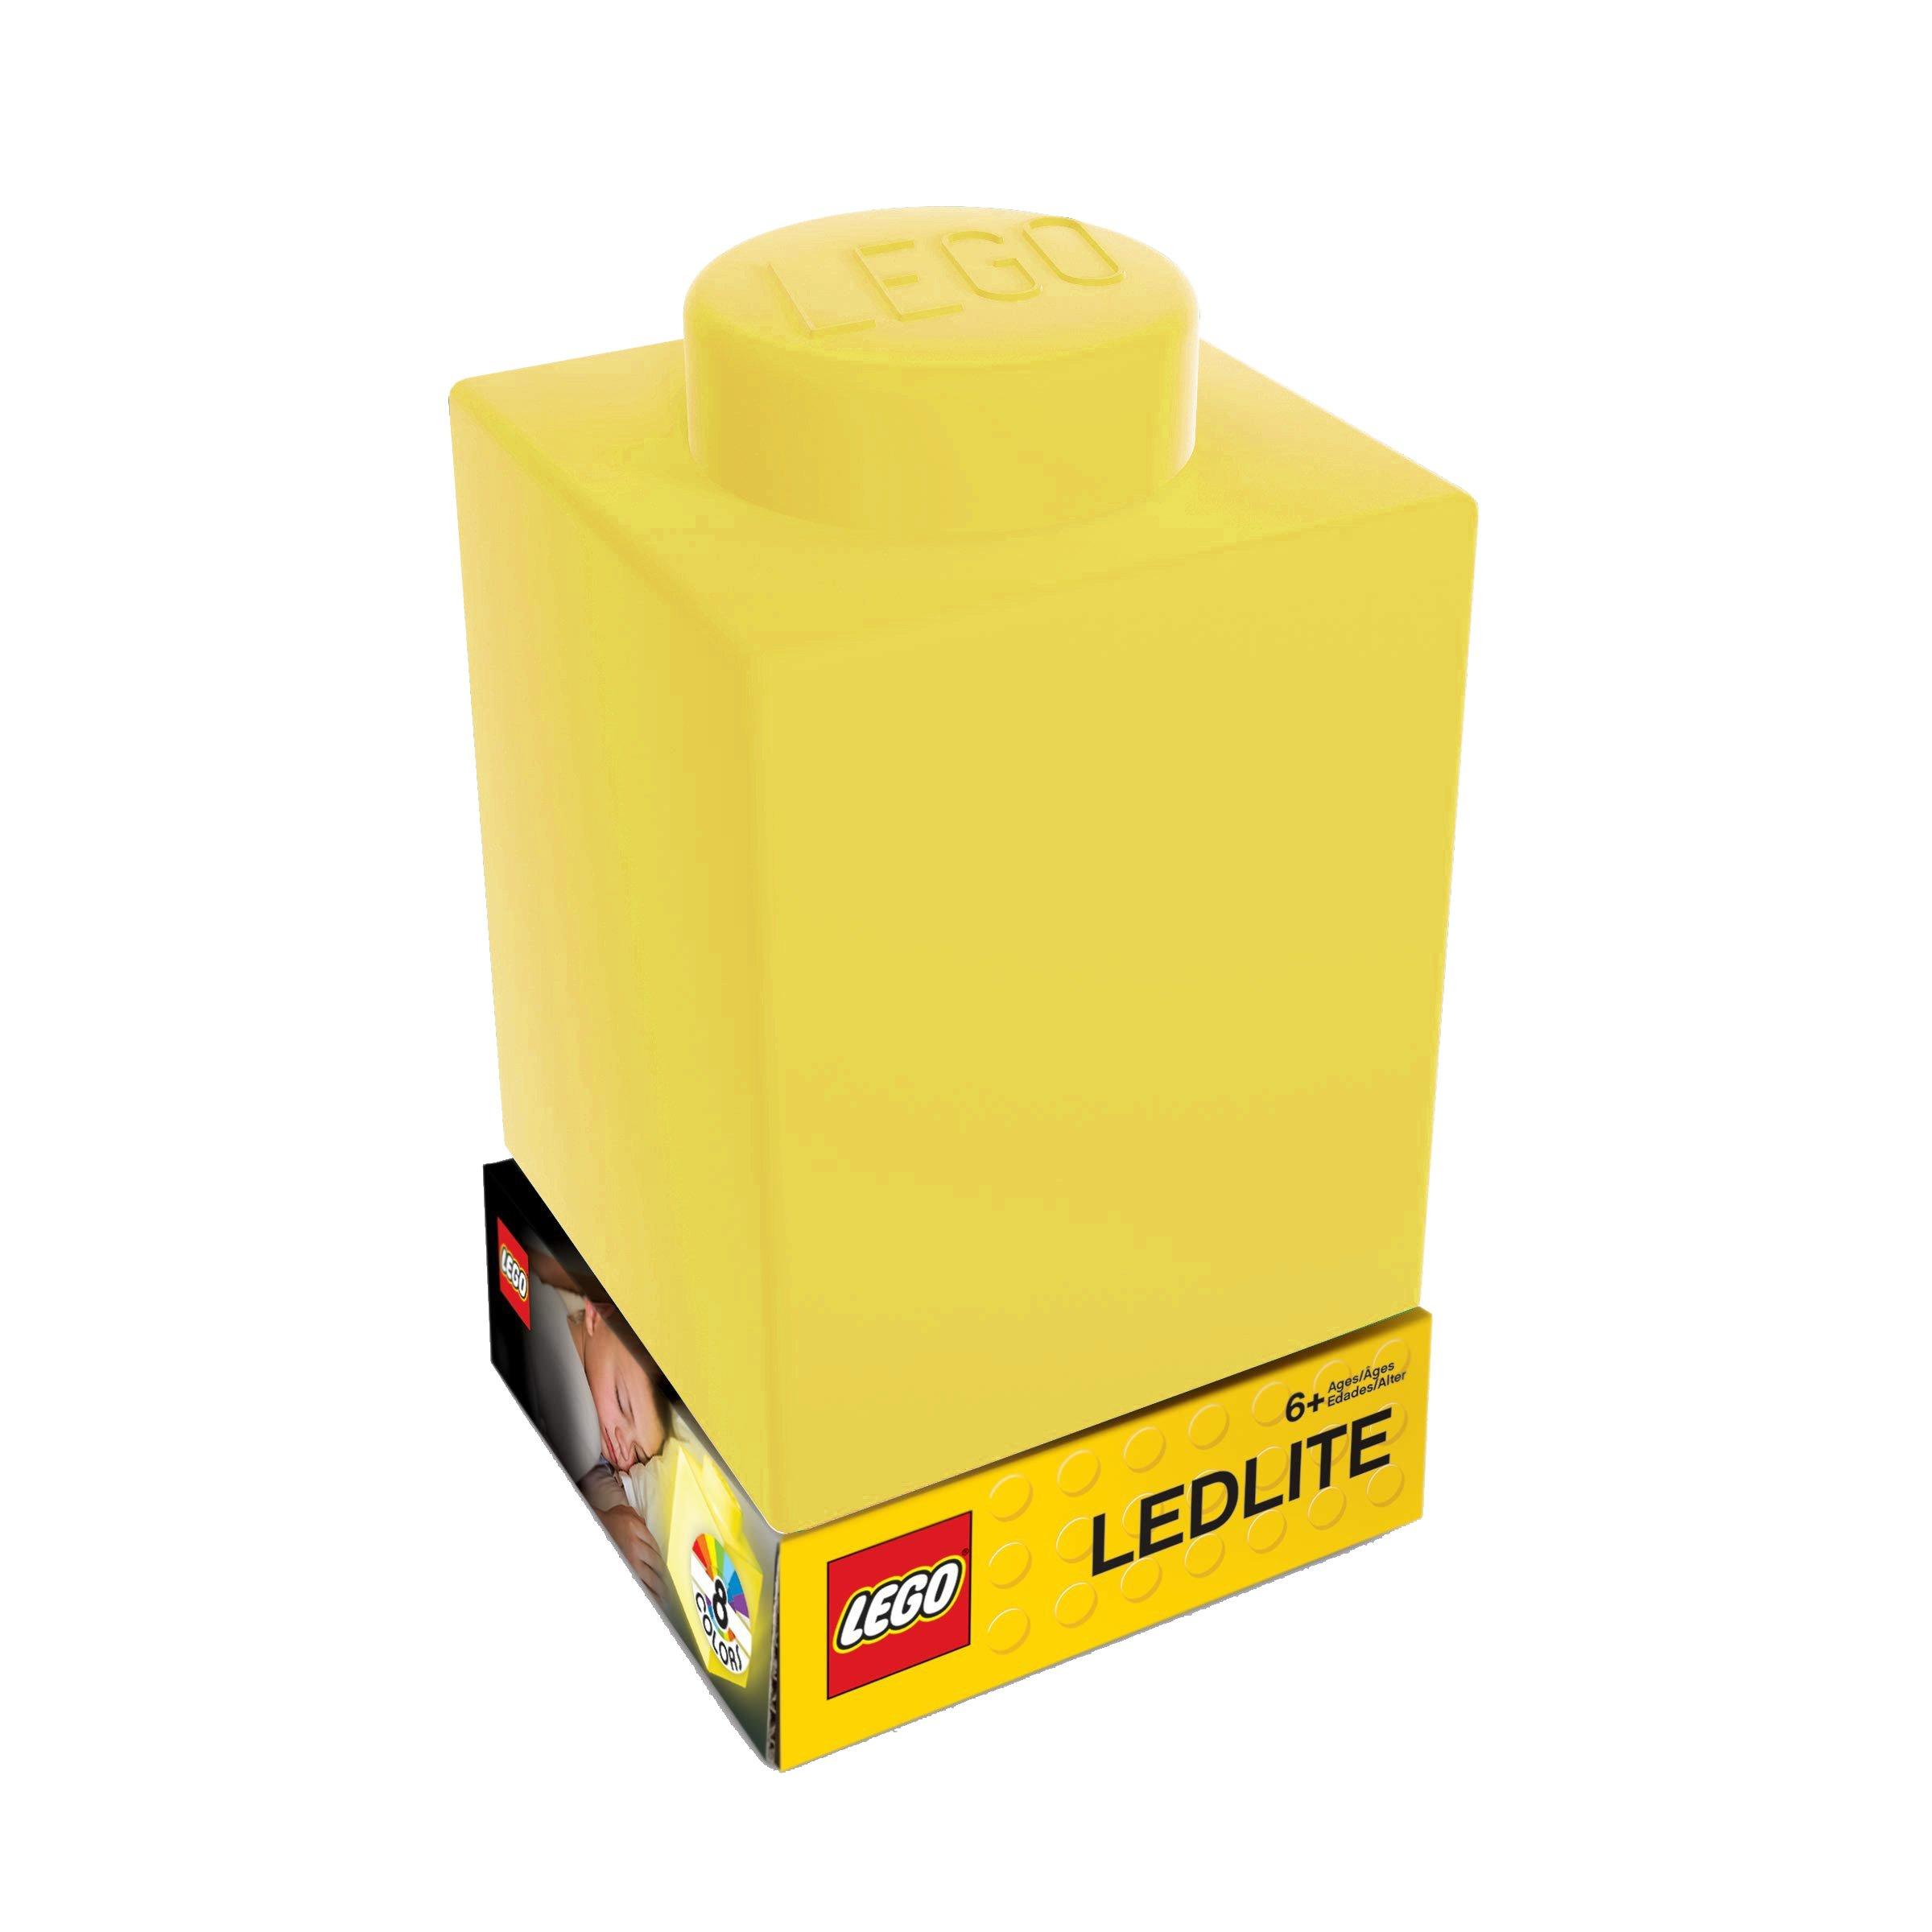 LEGO - Silicone Brick - Night Light w/LED - Yellow